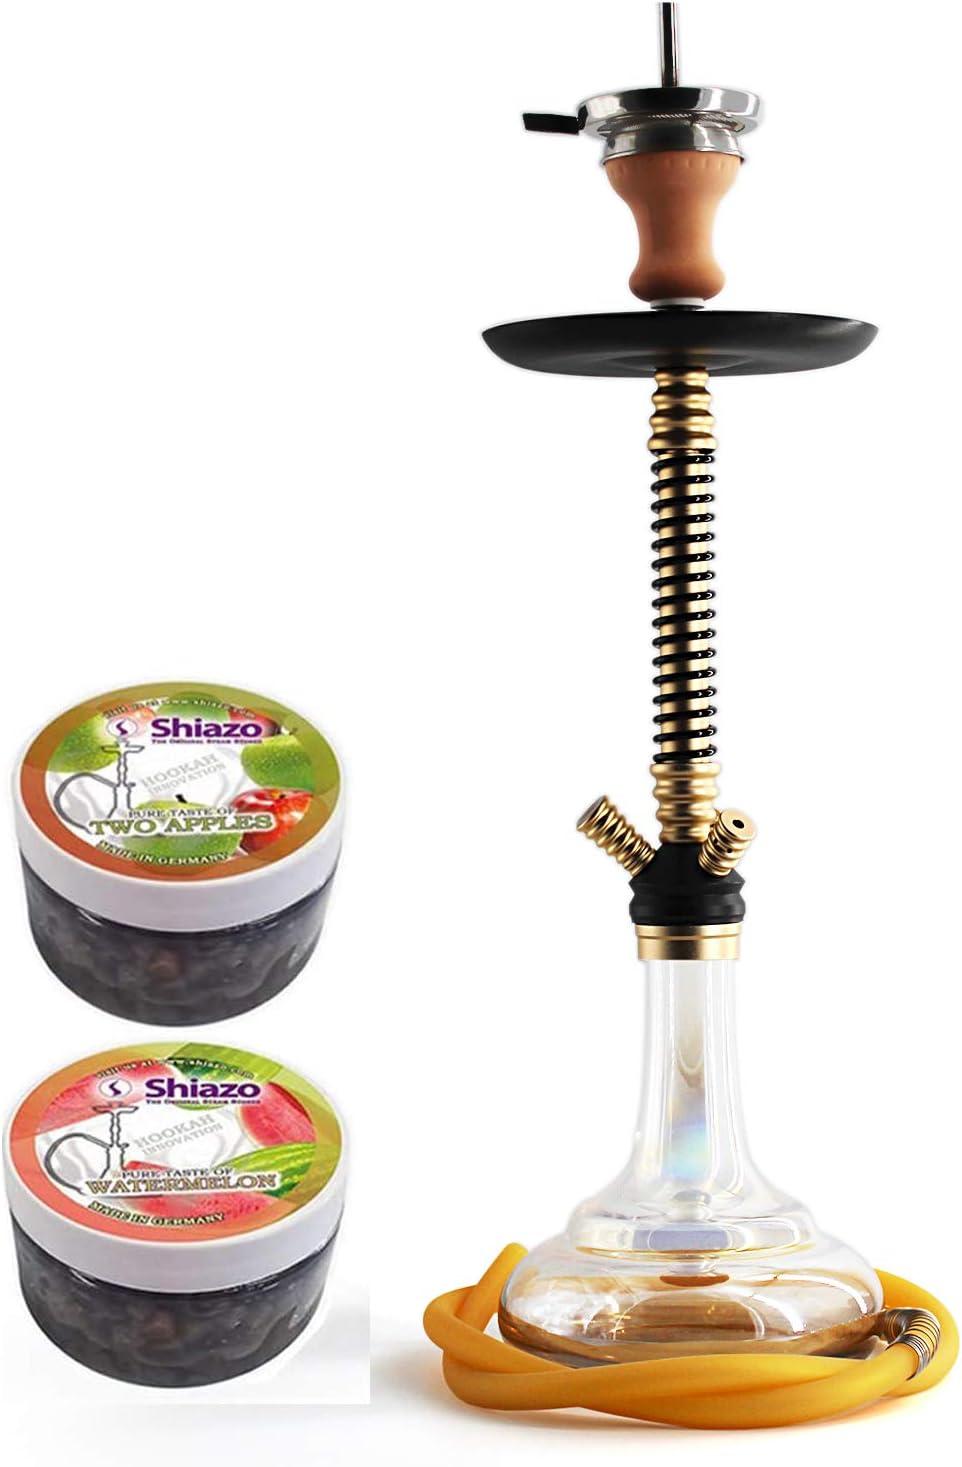 Kertou Shisha Hookah Cachimba Narguile Aluminio agua tubo vidrio fumar 66 cm con 2x100gr piedras, pinzas para carbón (dorado)